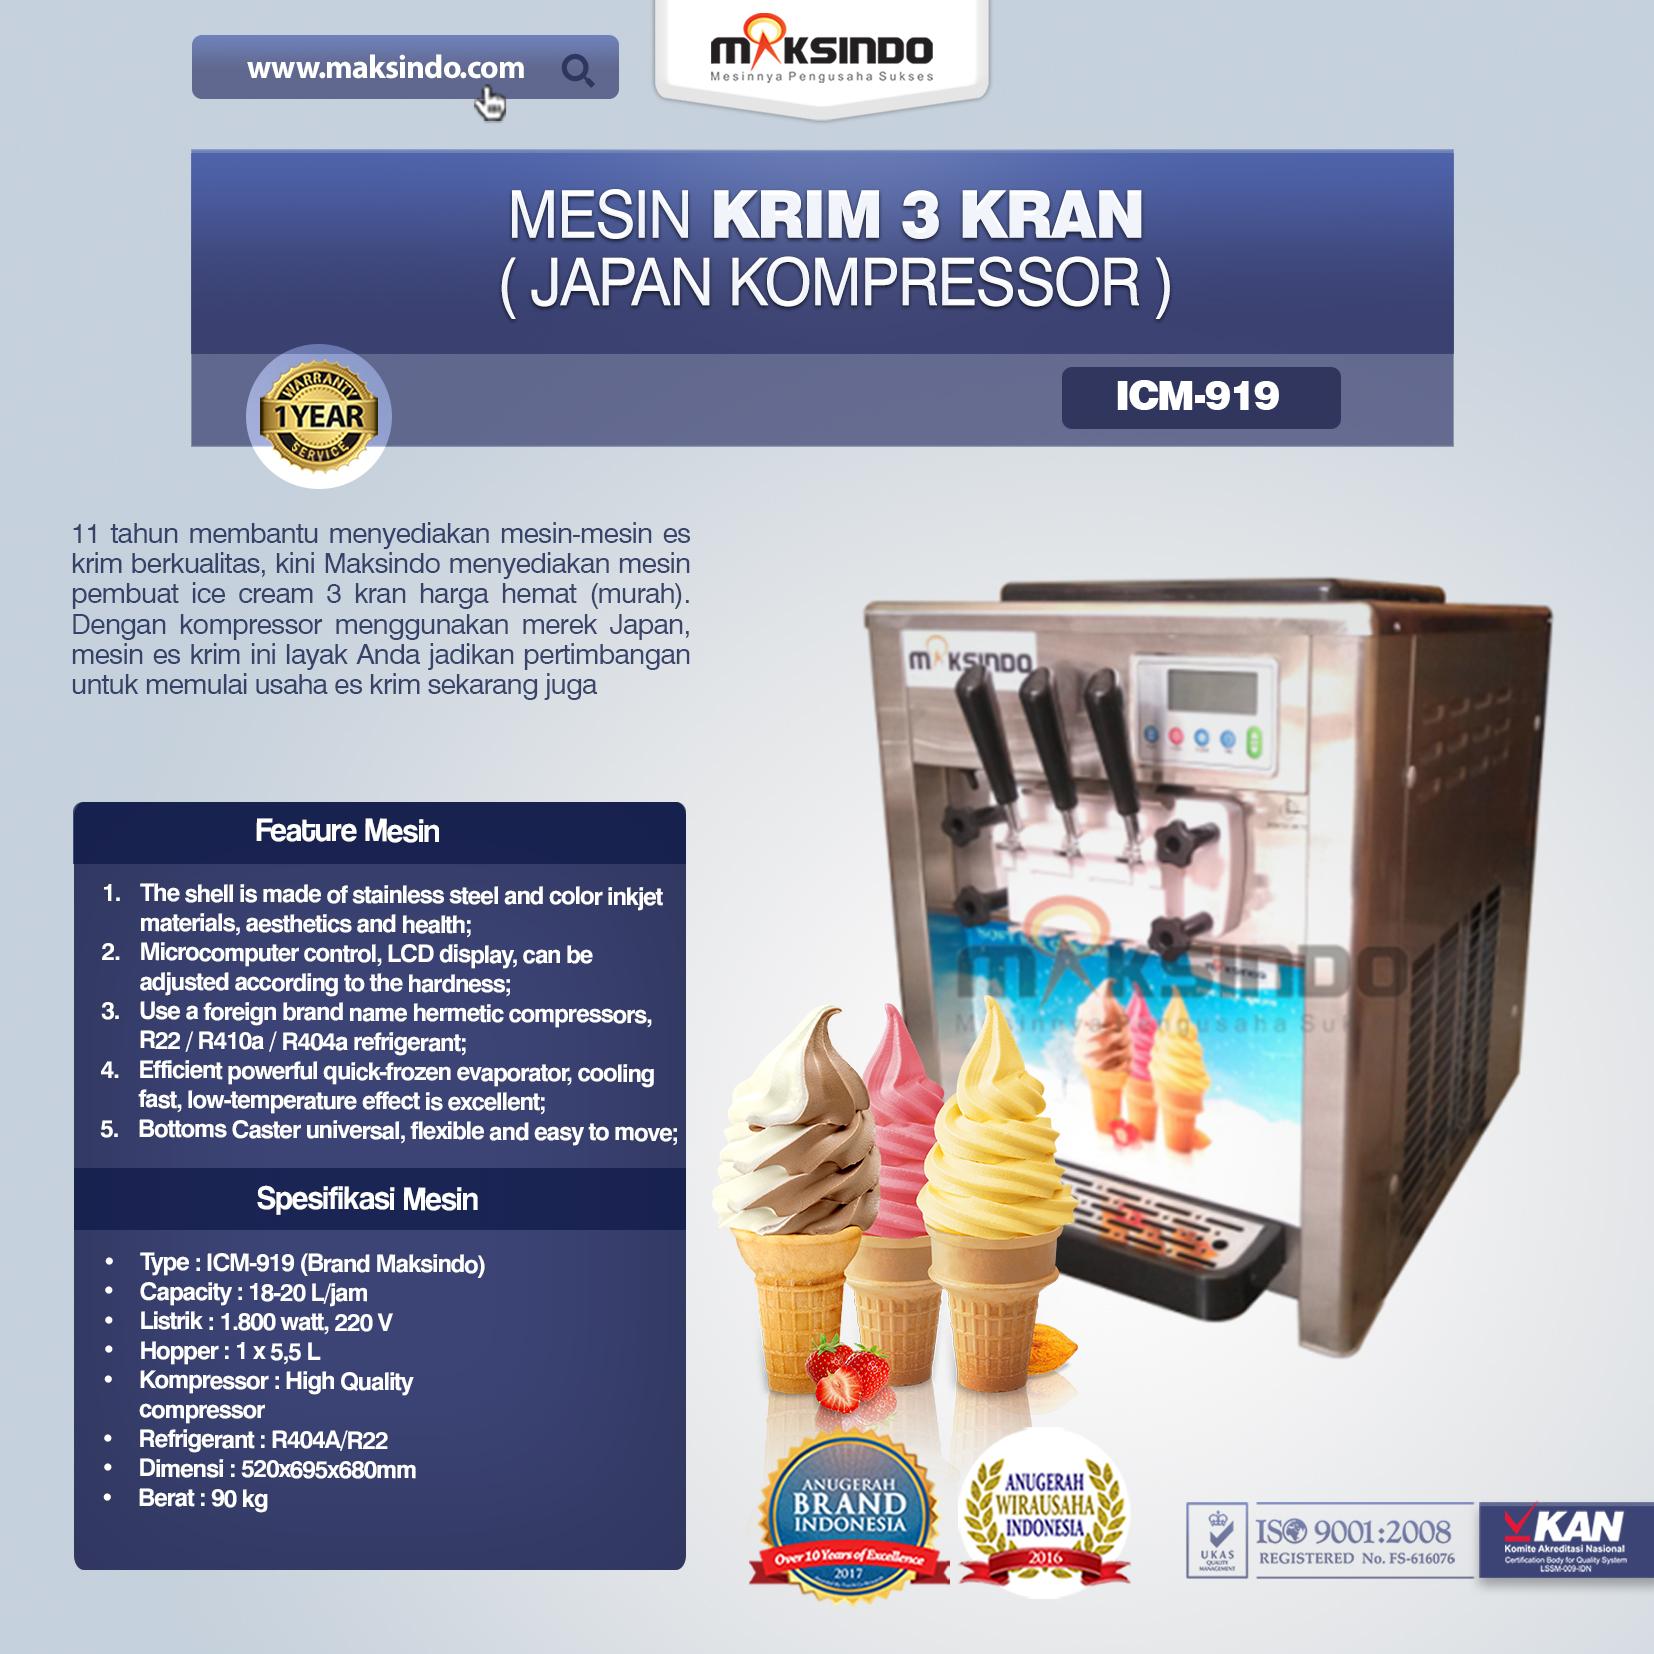 Jual Mesin Es Krim 3 Kran (Japan Kompressor) di Medan